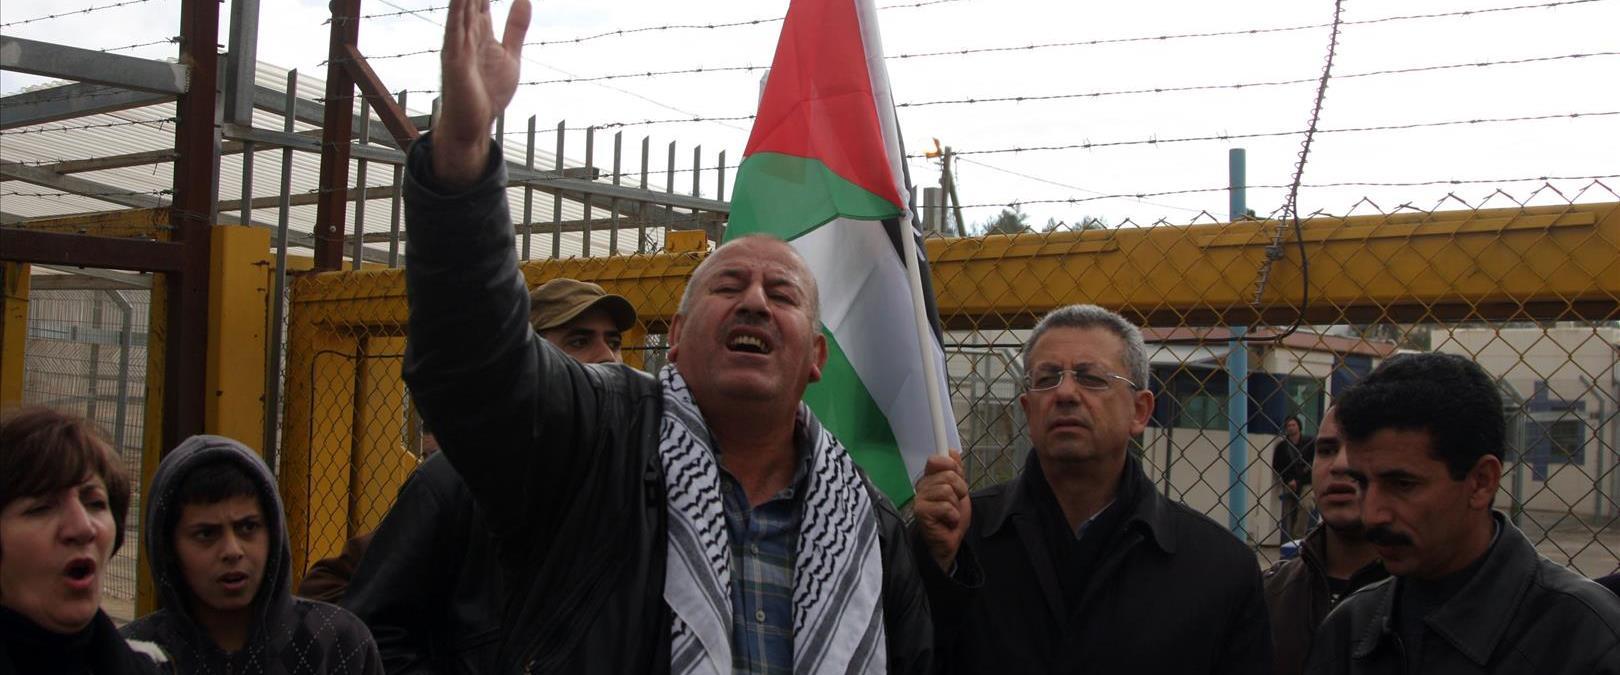 פלסטינים מפגינים מחוץ לכלא עופר